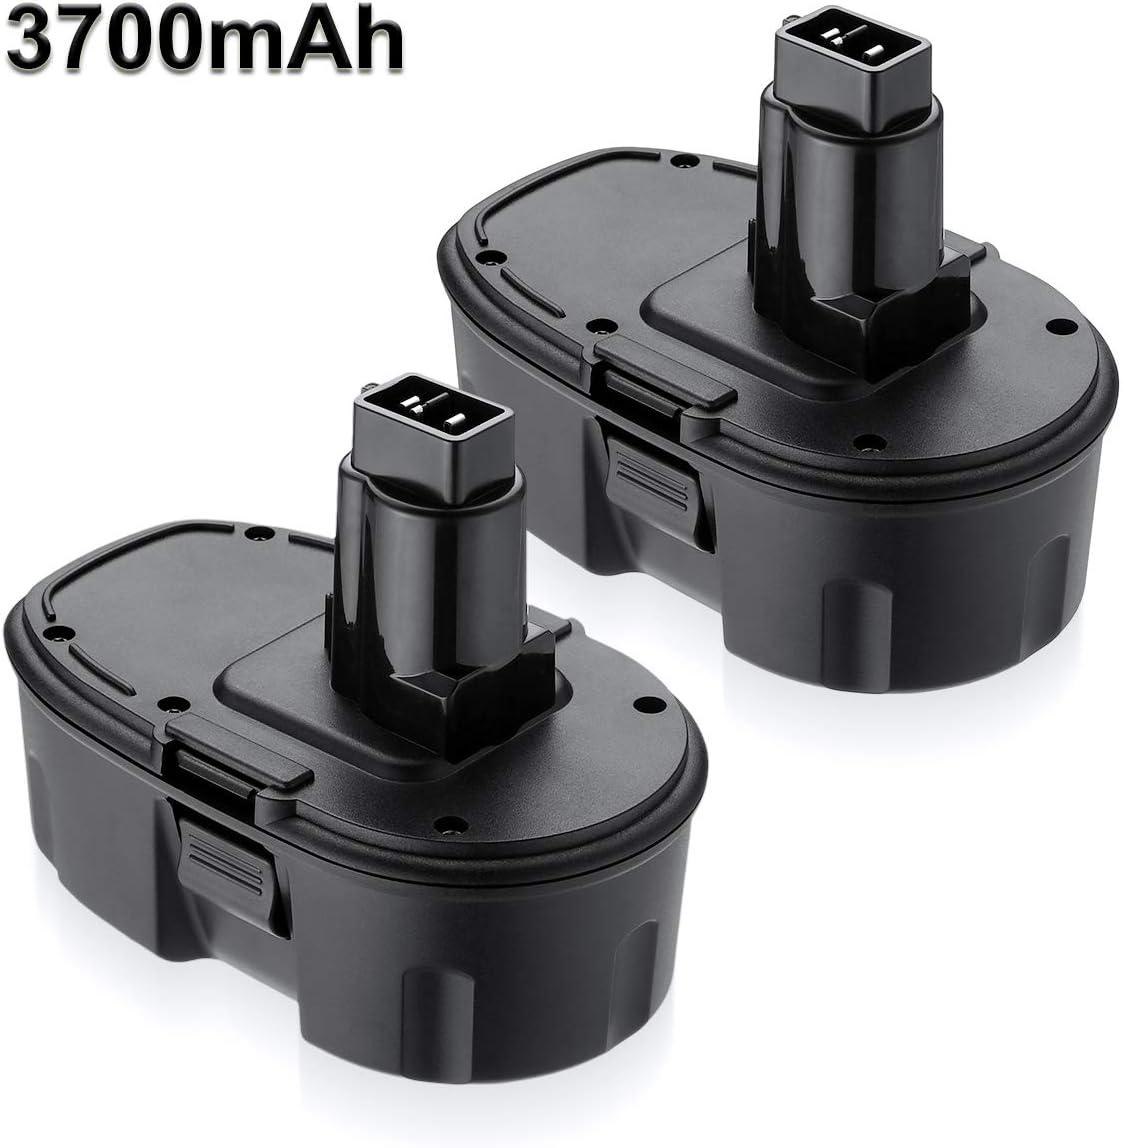 Dutyone 2 Pack 3700mAh 18V Replacement Battery for Dewalt 18 Volt XPR Battery DC9096 DC9098 DC9099 DW9095 DW9096 DW9098 DE9038 Cordless Power Tools Compatible with Dewalt 18Volt NI-MH Batteries